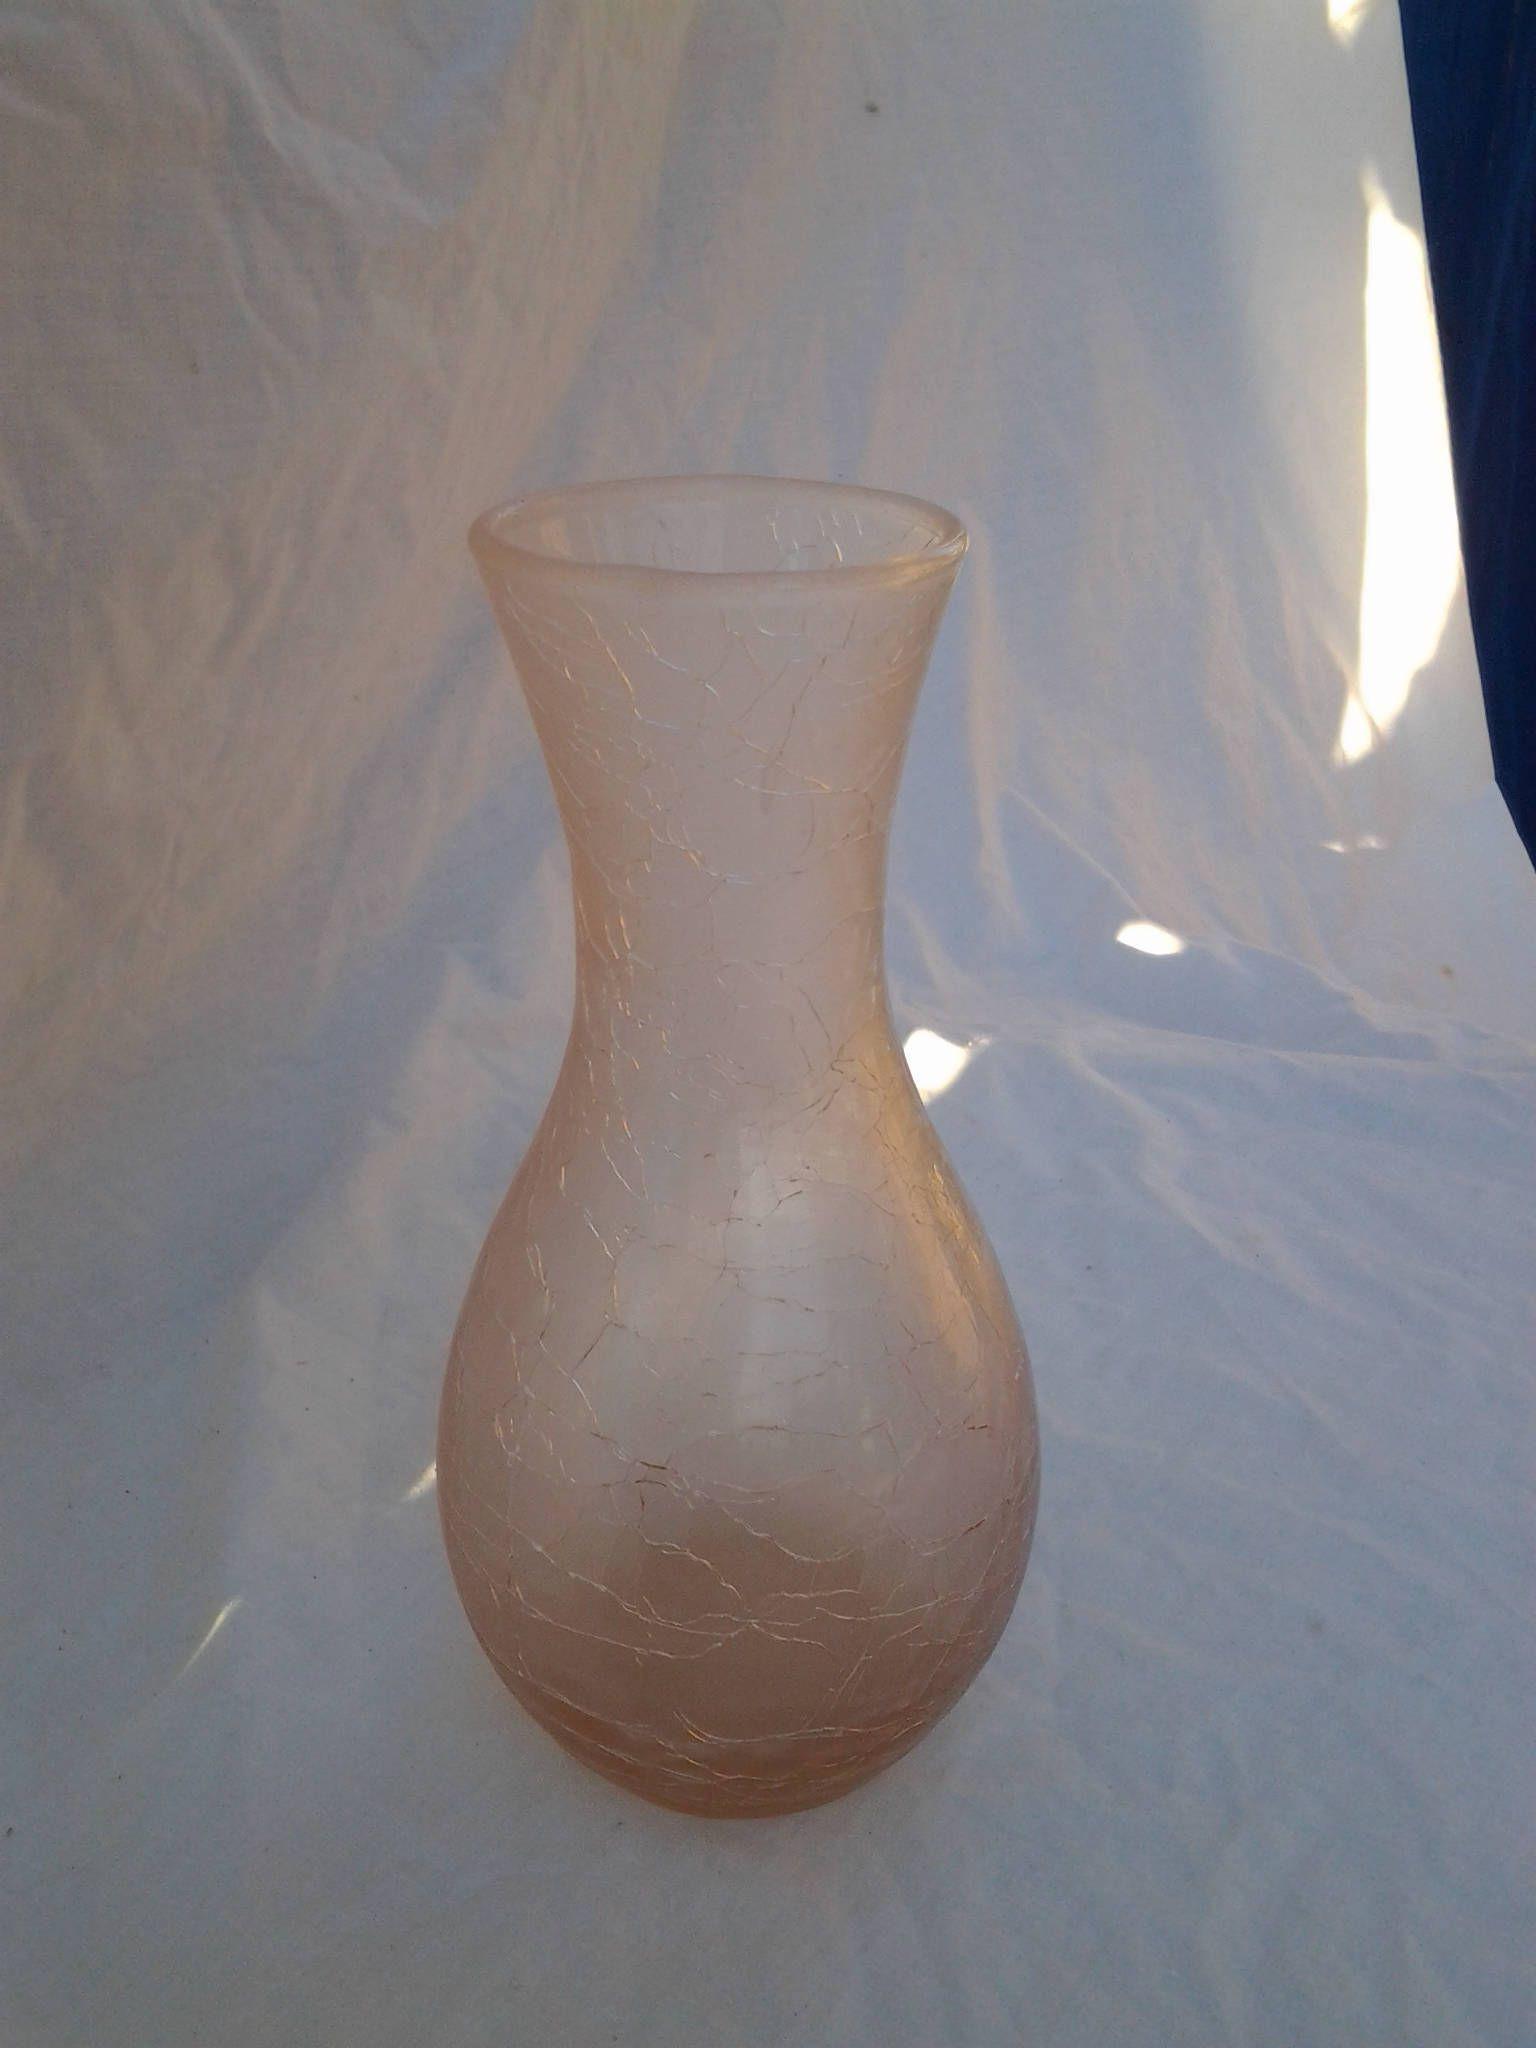 kosta boda vases australia of 20 off vintage rose quartz crackled glass vase vintage vases for pertaining to 20 off vintage rose quartz crackled glass vase